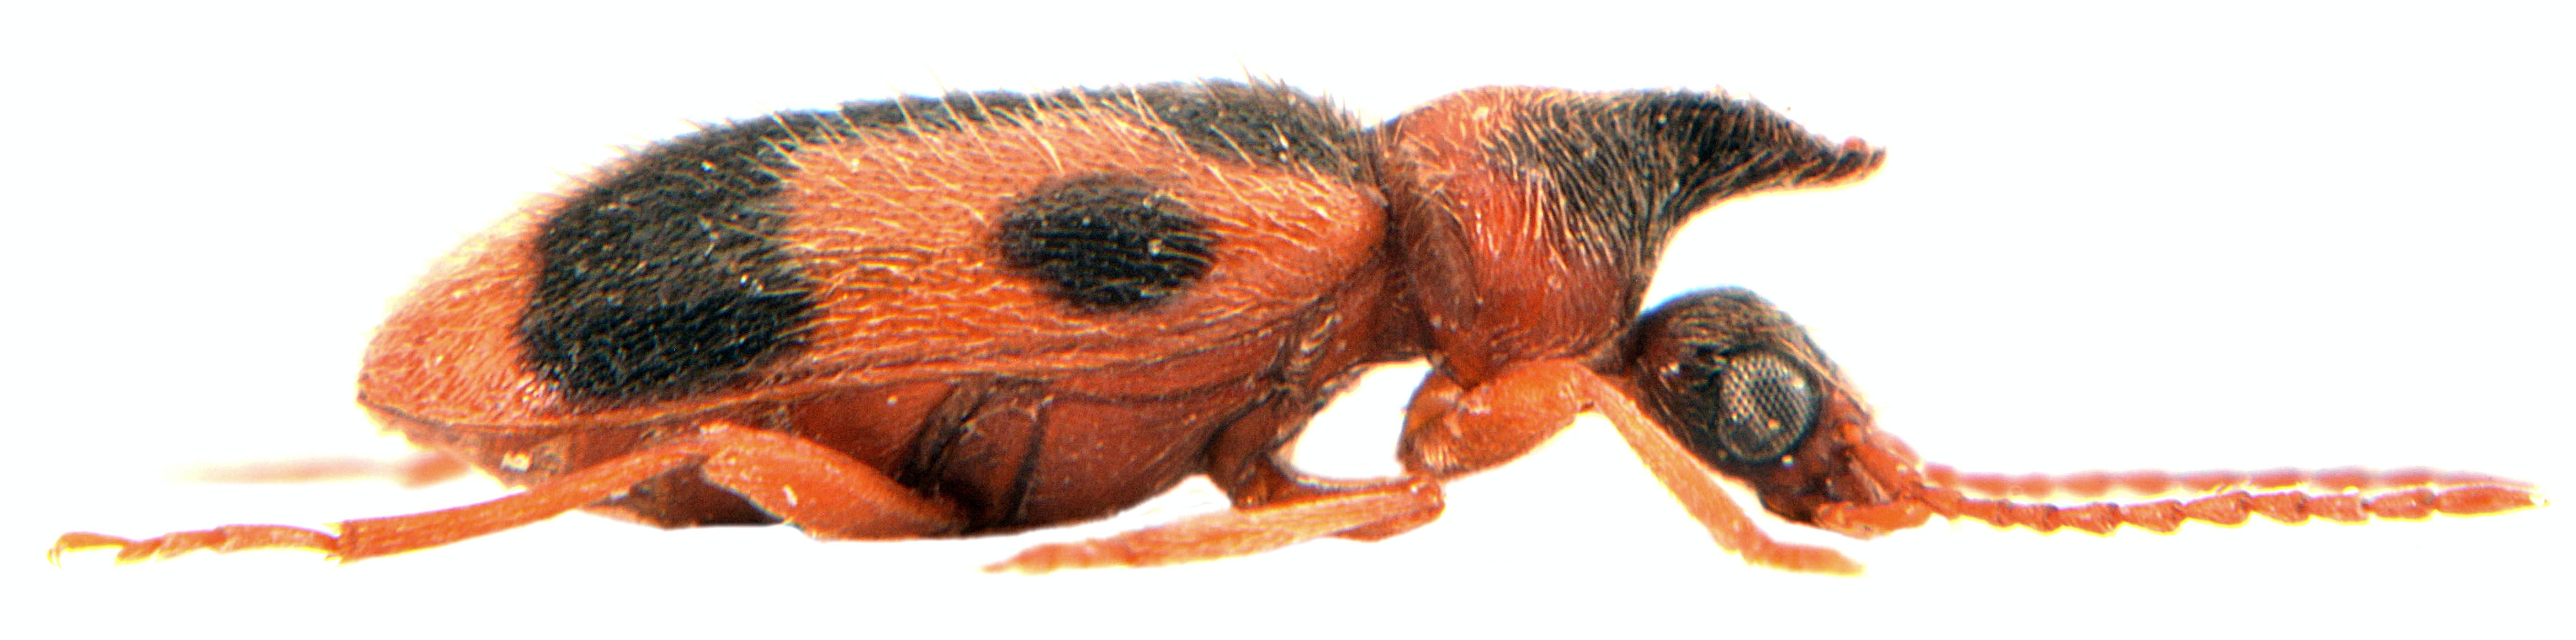 Notoxus monoceros 3